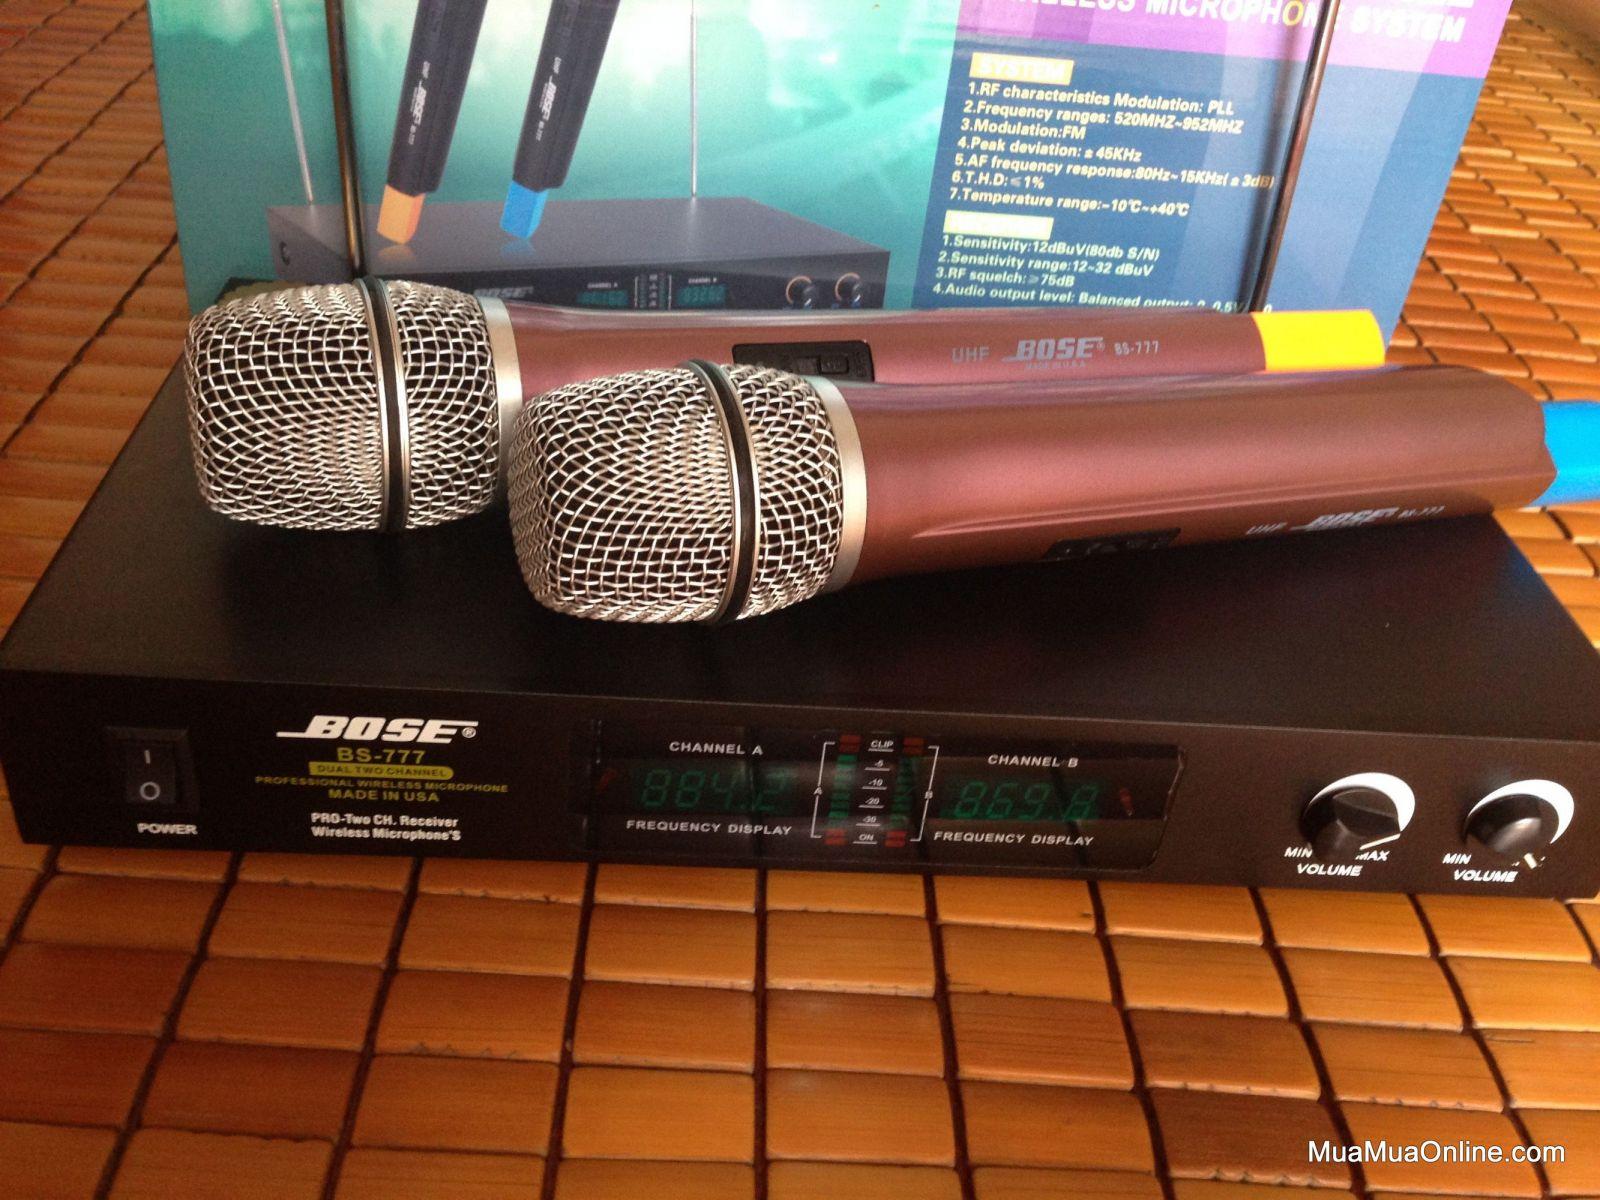 Bộ Micro Karaoke Không Dây Bose Bs-777 Cực Hay